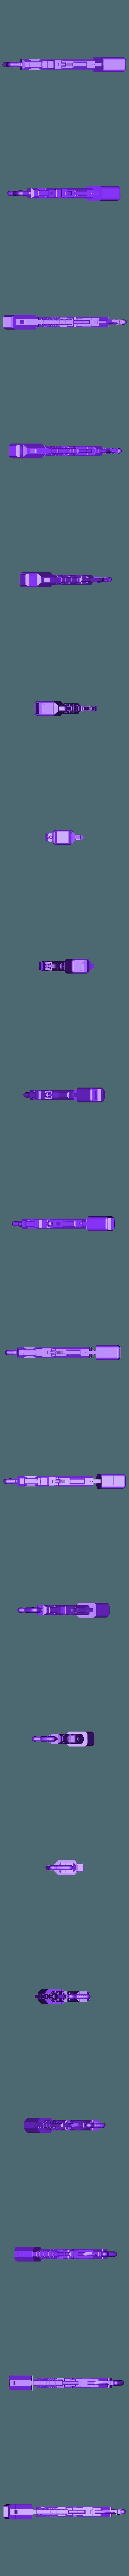 Single.stl Télécharger fichier STL gratuit Le concept du fusil Khan de Marvels The Exiles • Plan pour imprimante 3D, Dsk